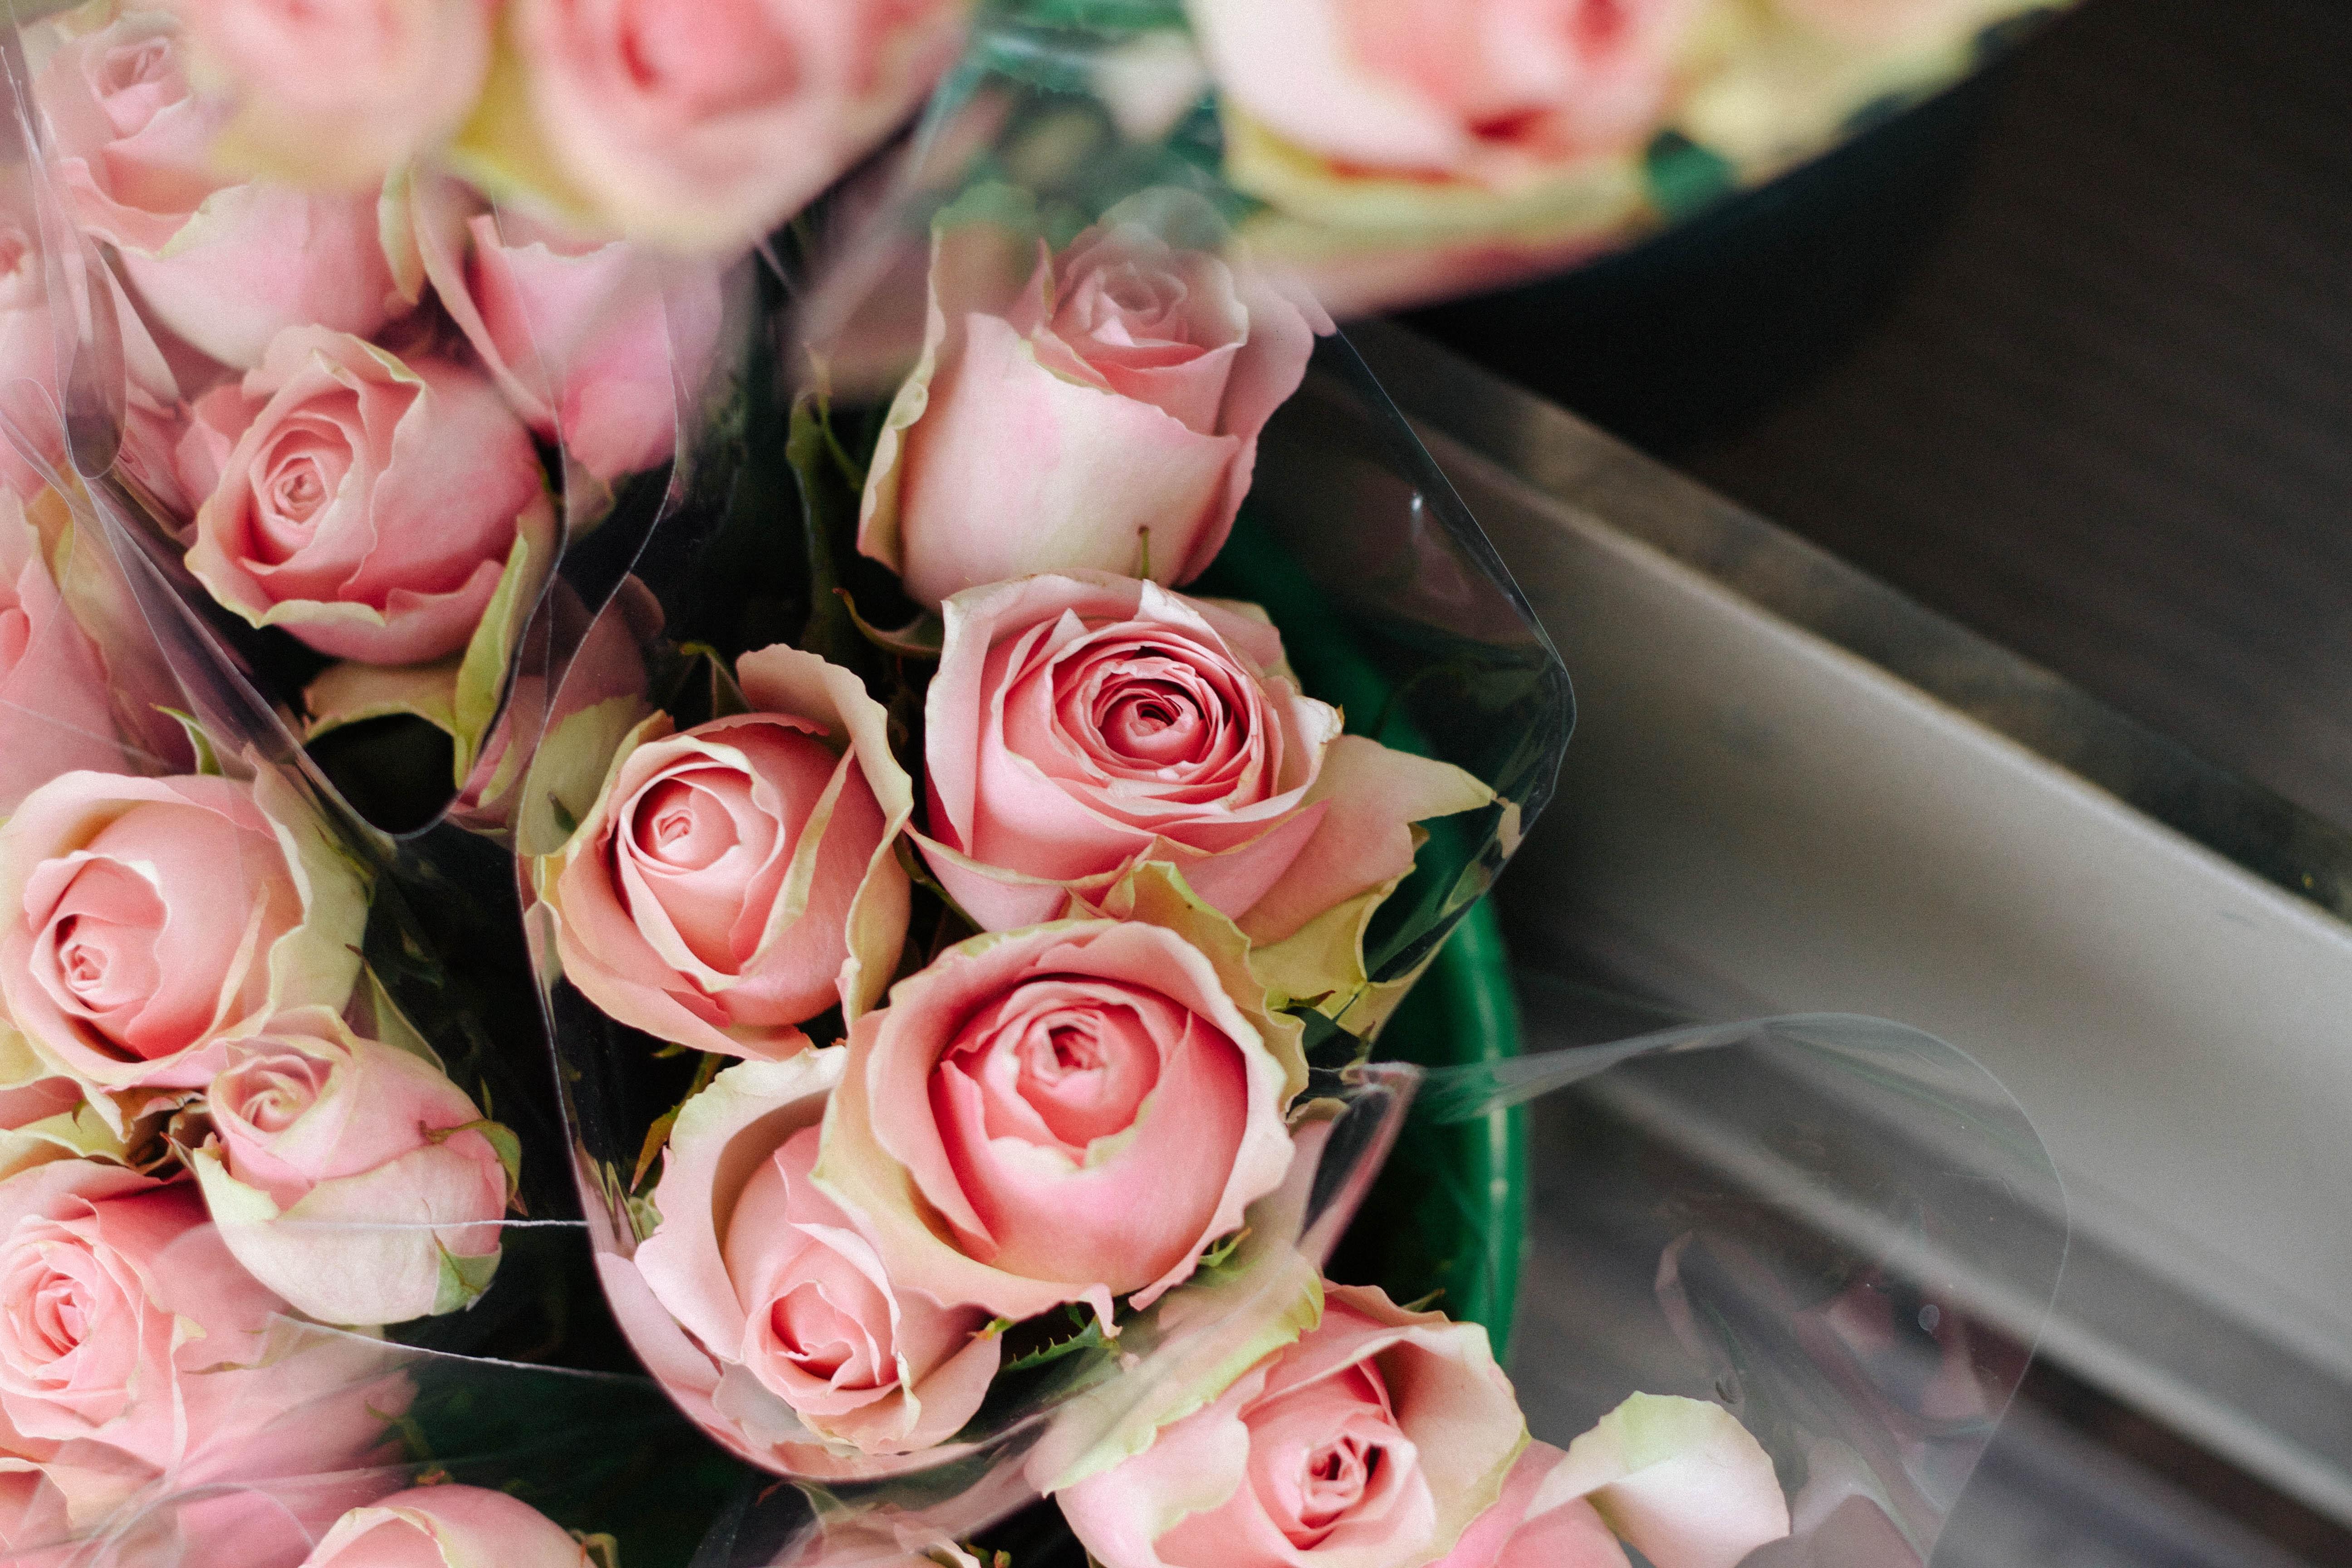 Цветы в букете пахнут розы